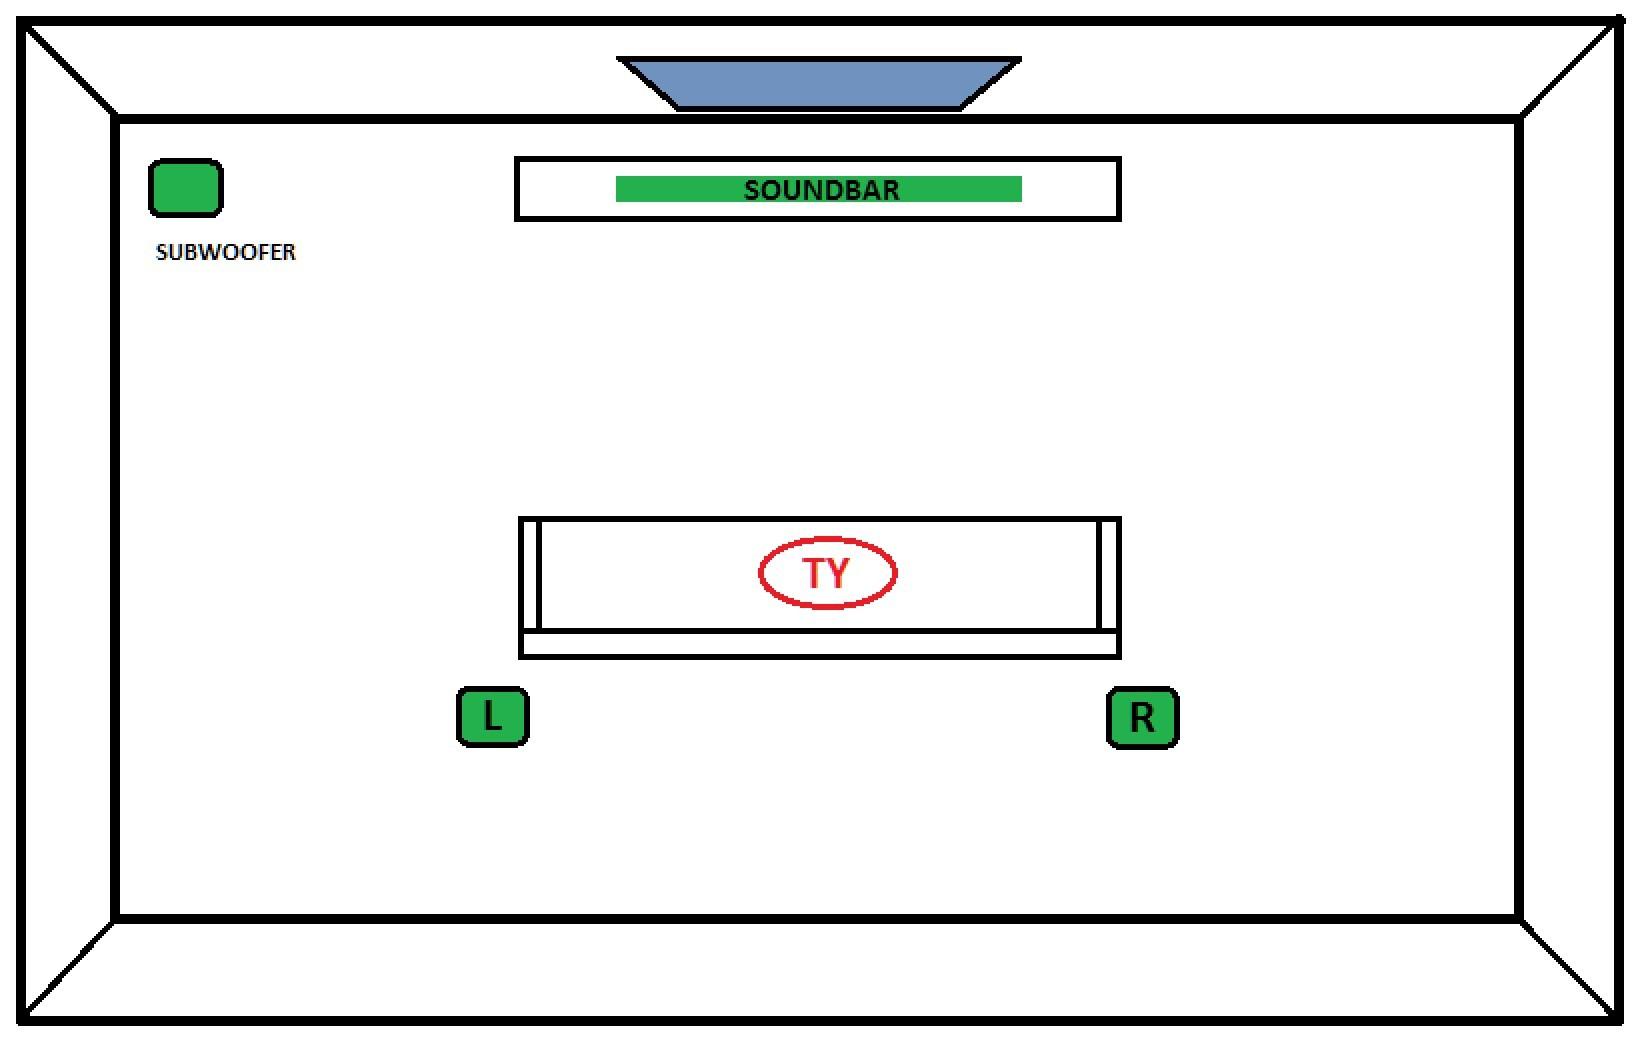 optymalne ulokowanie soundbara i jego subwoofera